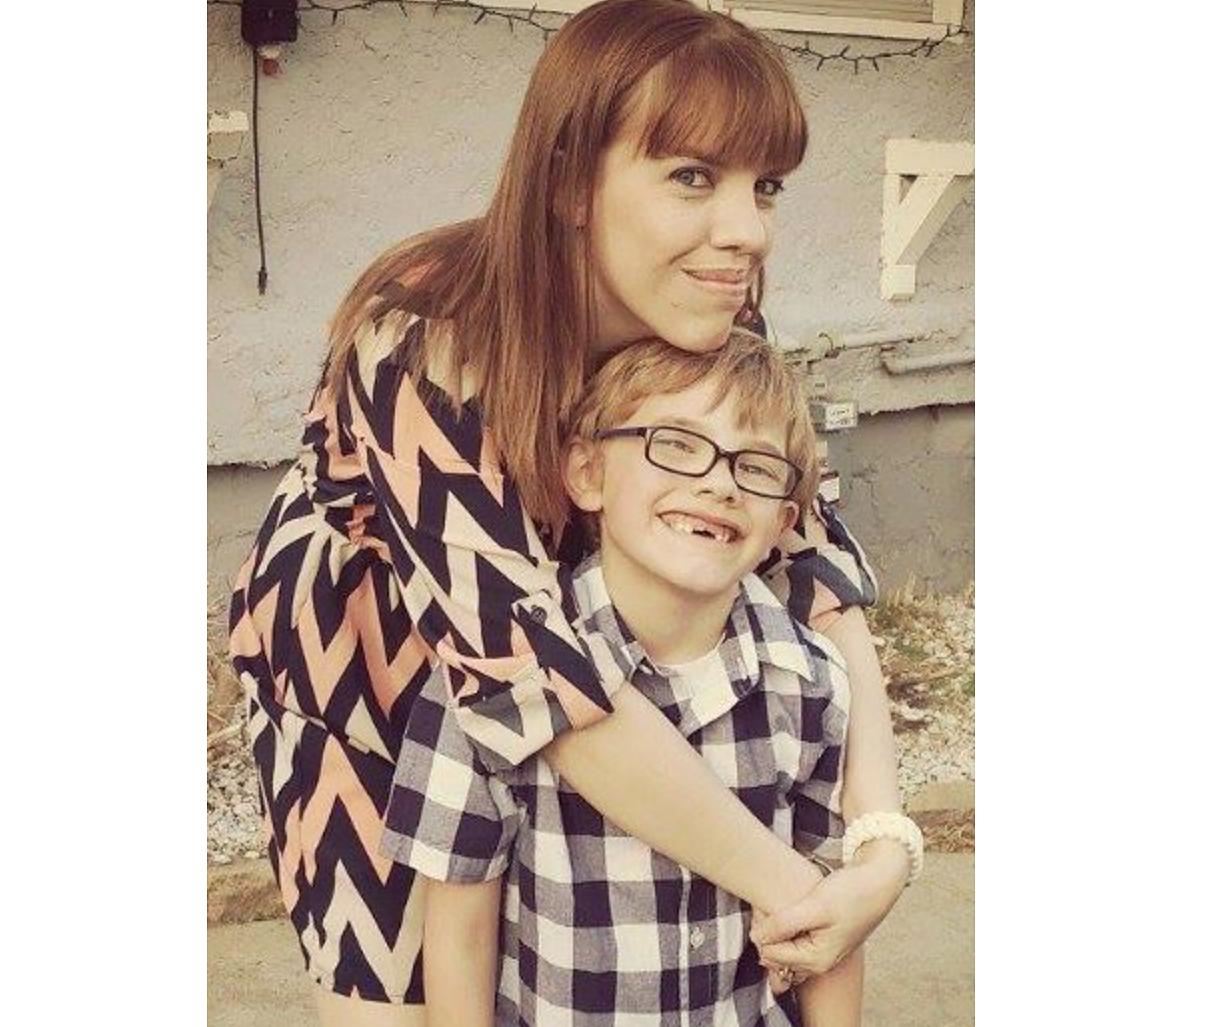 Jessyka Nelson và con trai. Ảnh: Chilling Crimes